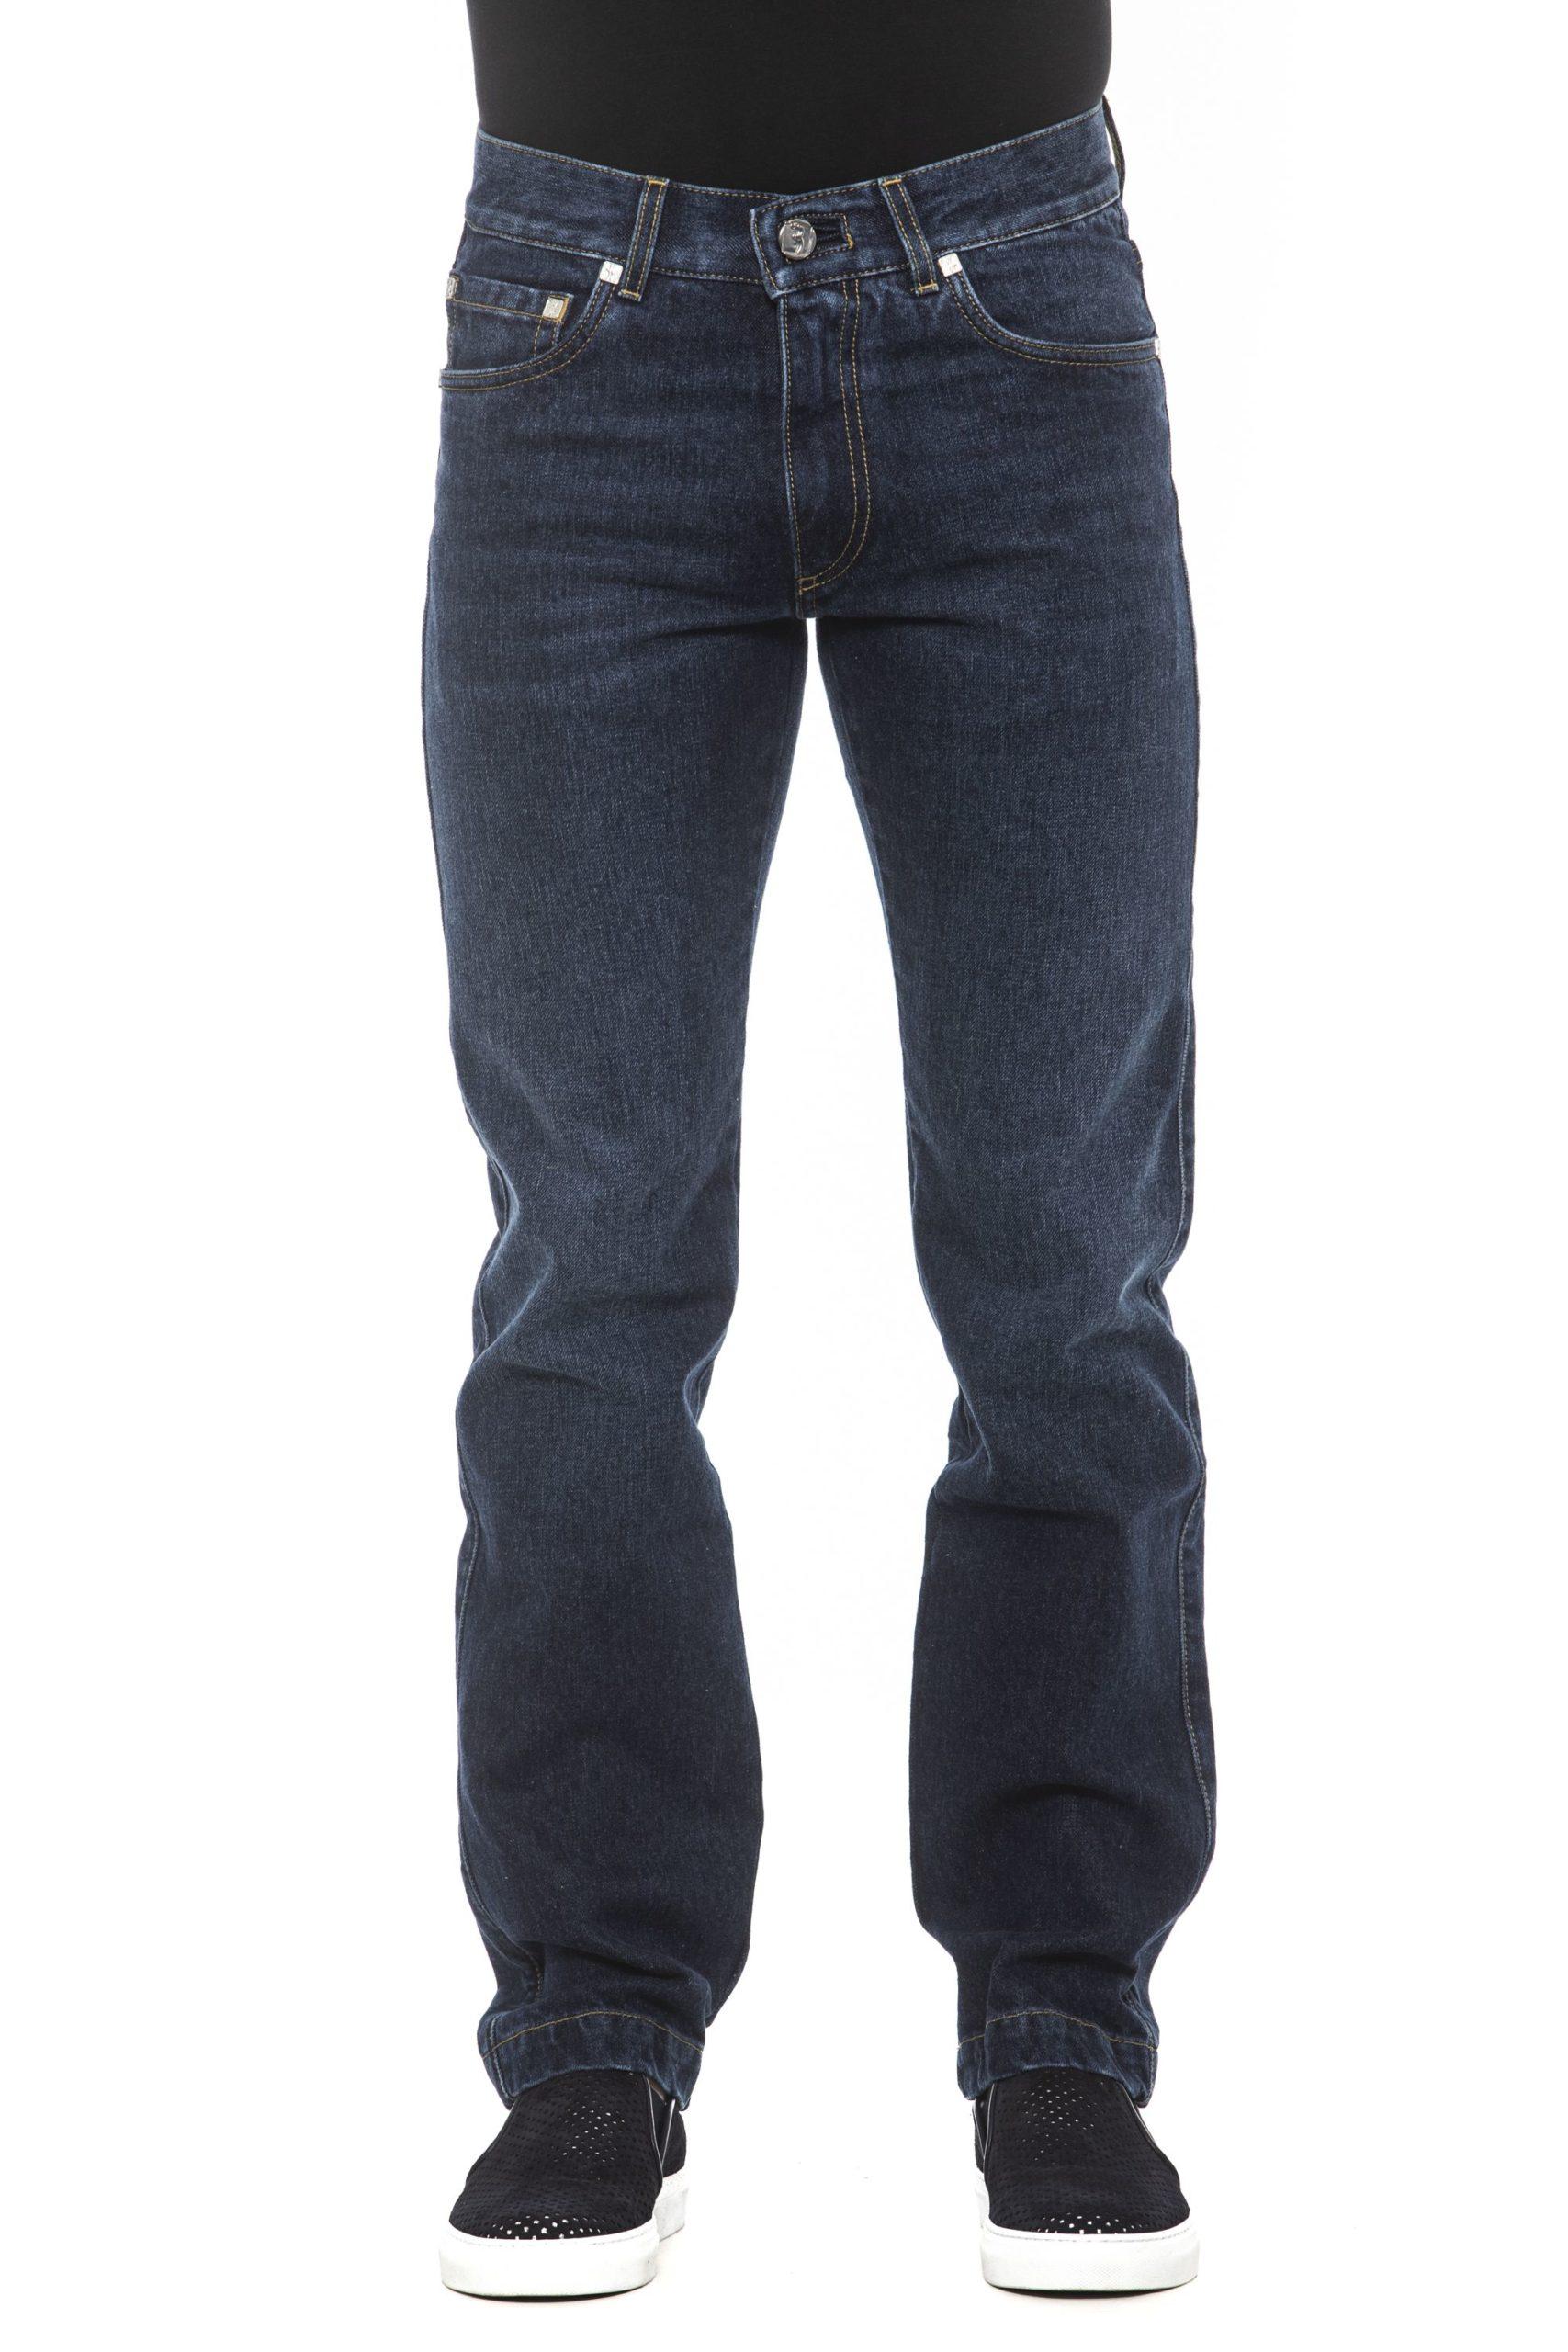 Billionaire Italian Couture Men's Jeans Blue BI1405222 - IT46 | S